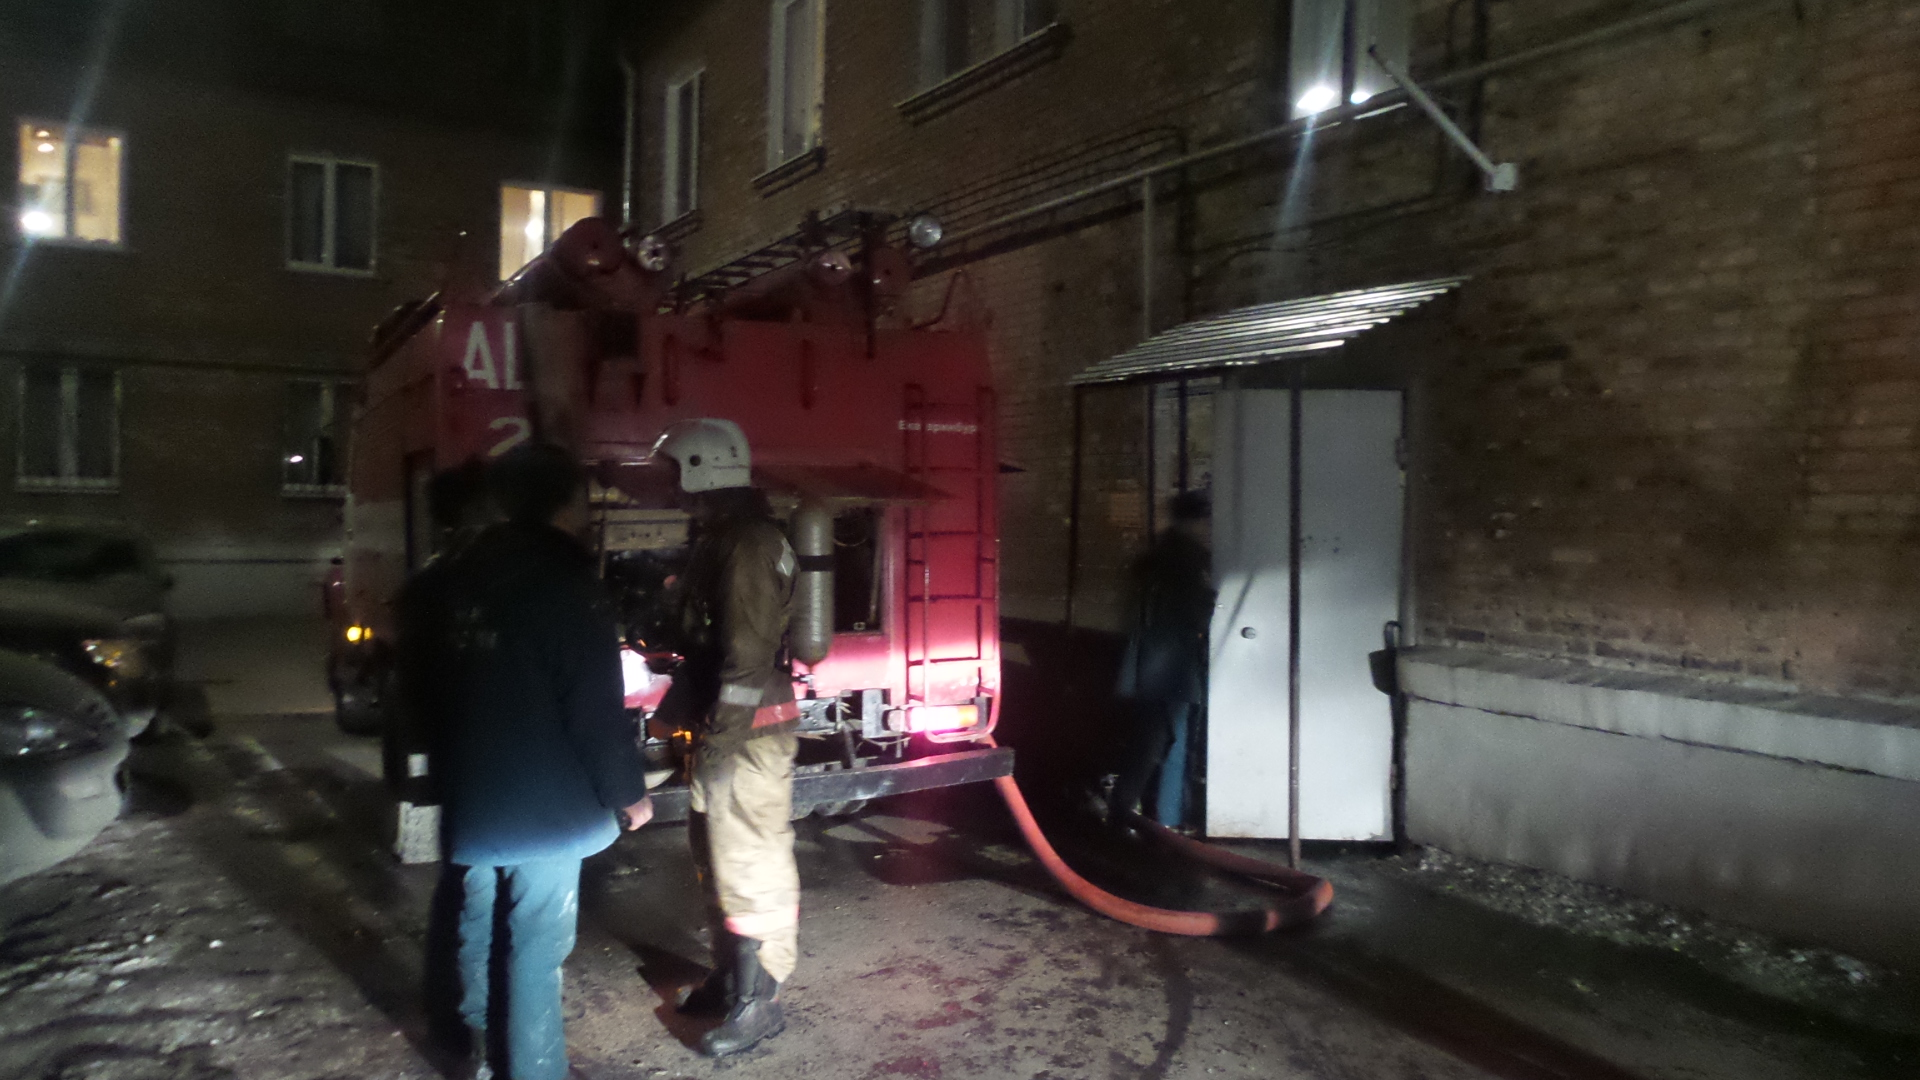 Вместо новоселья — пожар: ночью горела квартира на ВИЗе, один человек пострадал